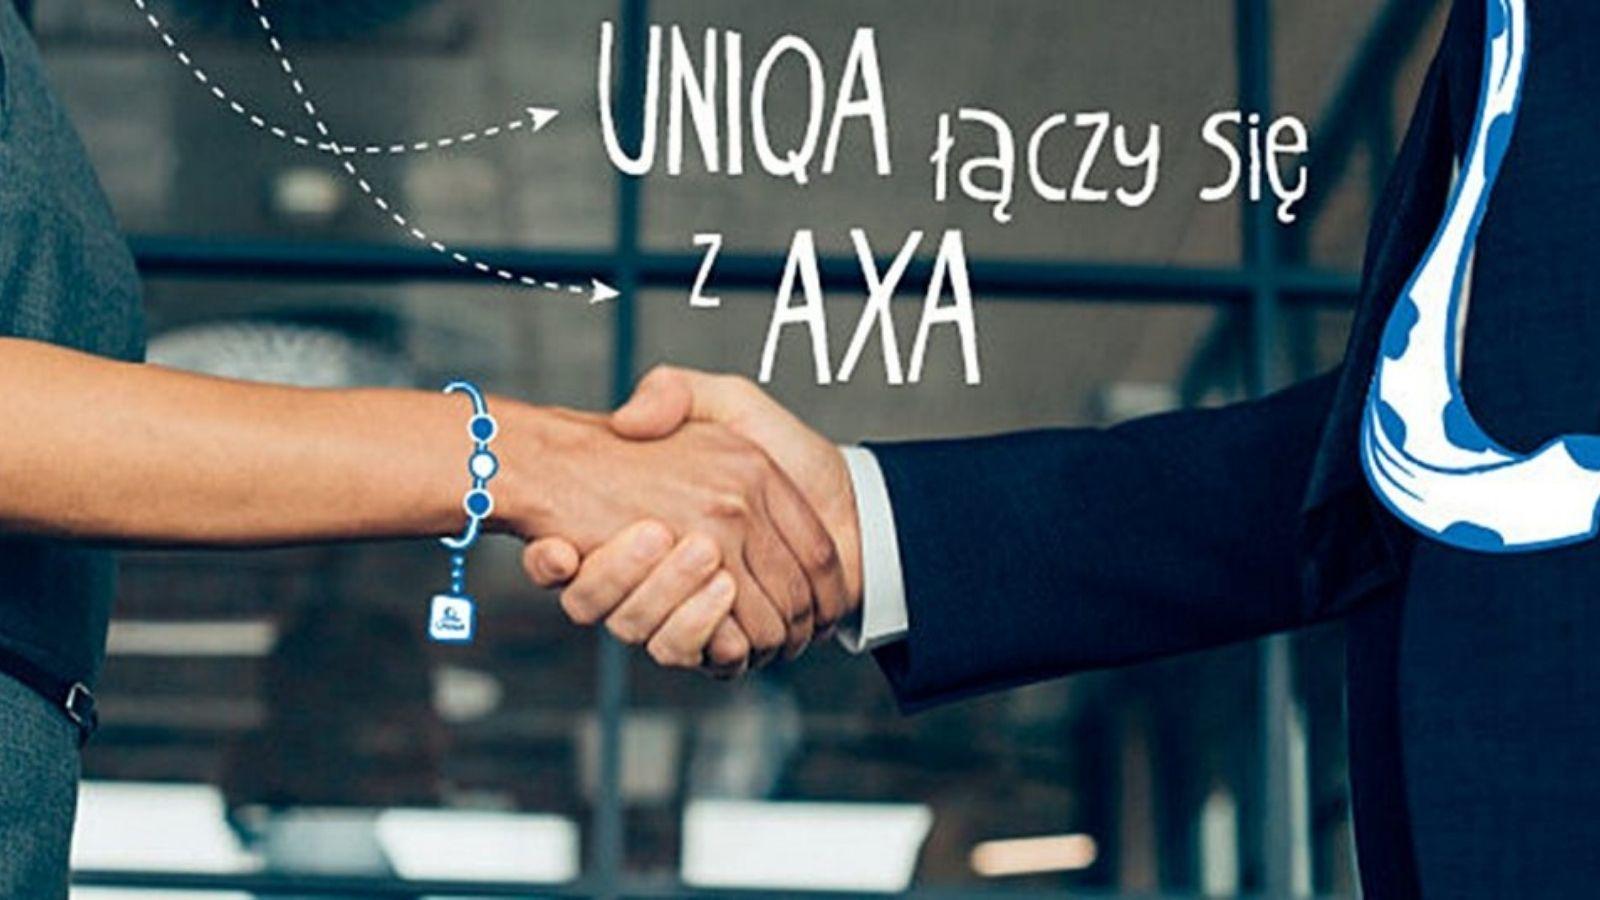 UNIQA i AXA razem pod brandem UNIQA! Rebranding mediarun uniqa